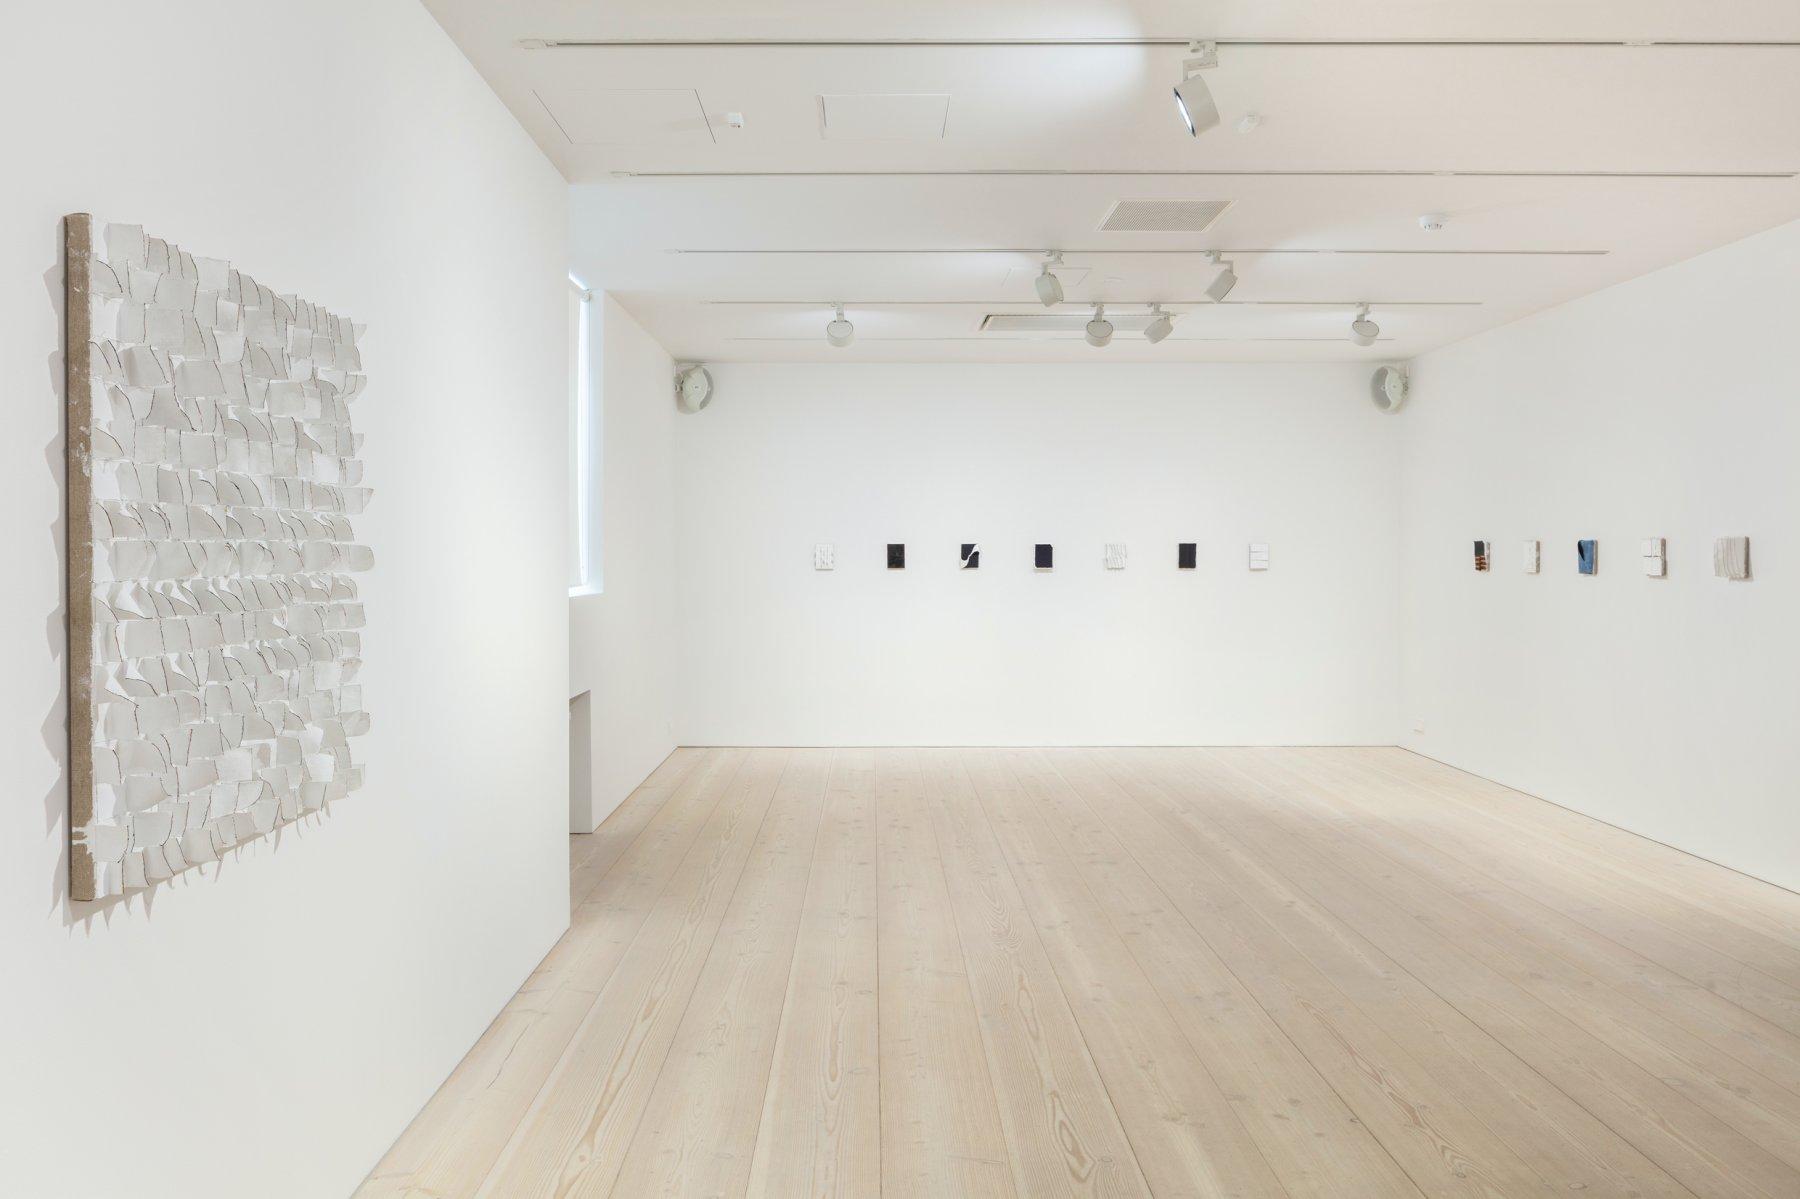 Galerie Forsblom Adam Winner 1